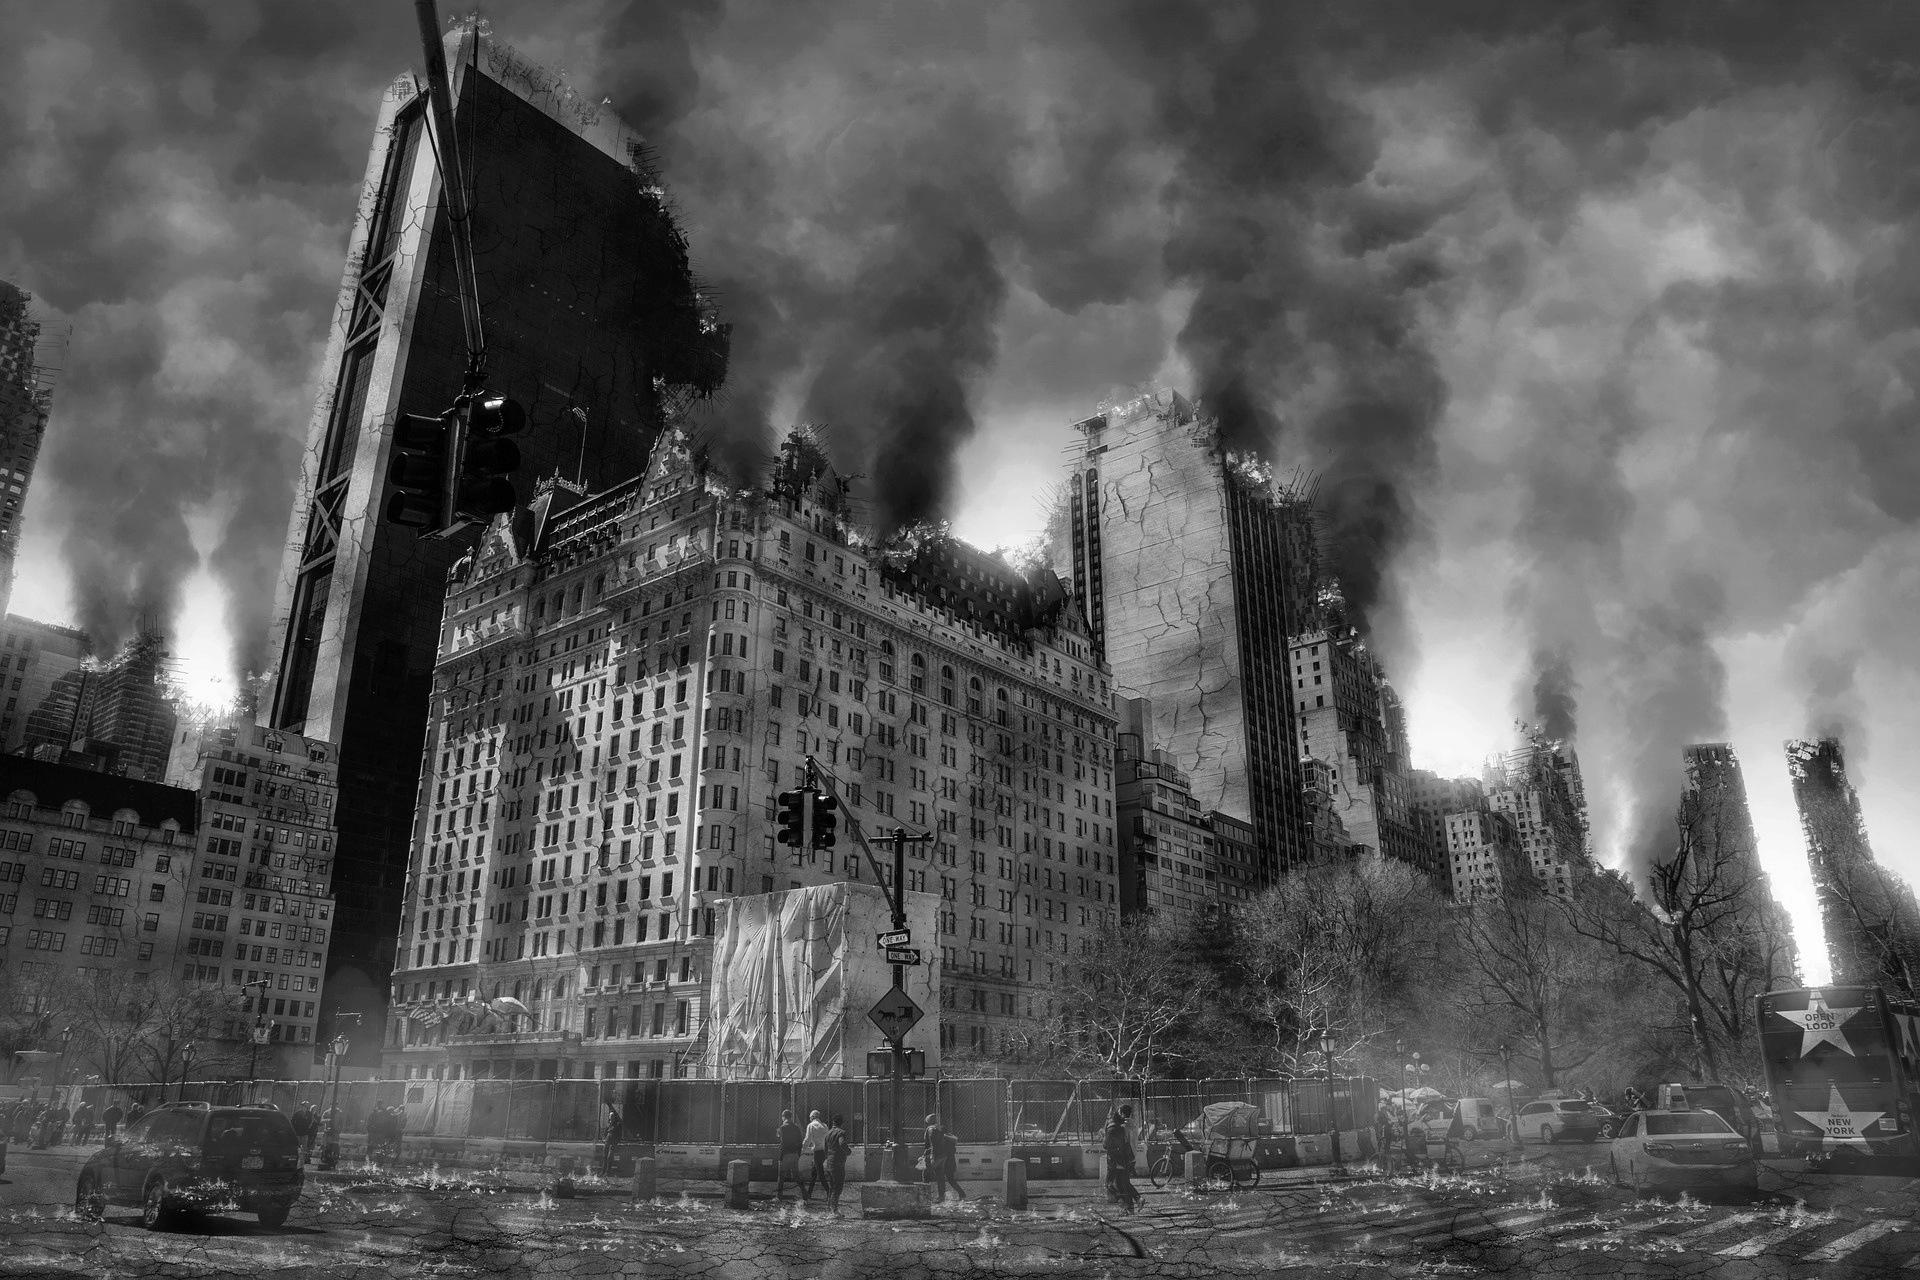 La malédiction des plateaux de la saga du film l'exorciste